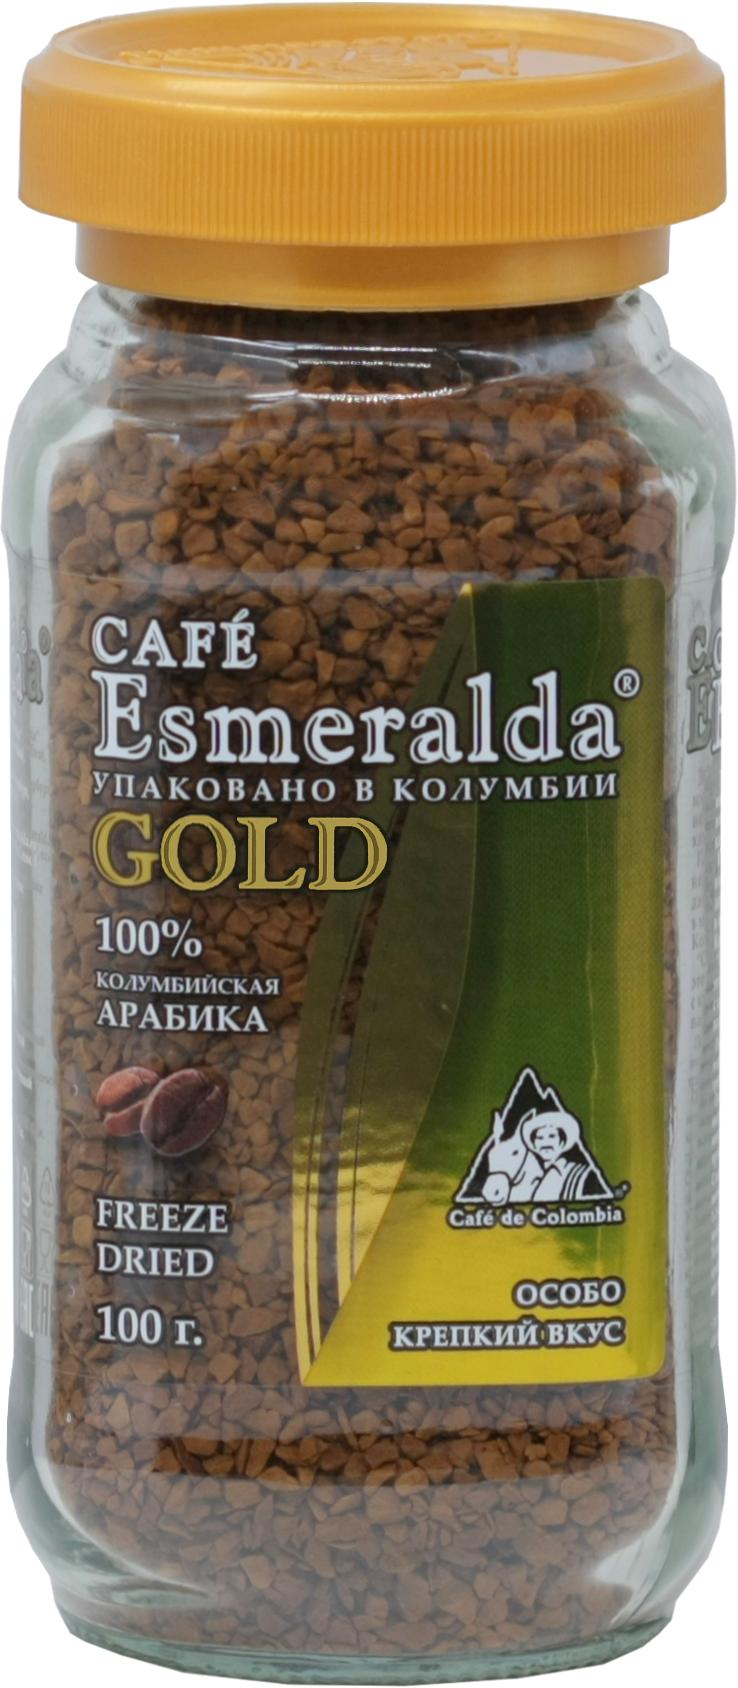 Cafe Esmeralda. Cafe Esmeralda Gold 100 гр. стекл.банка